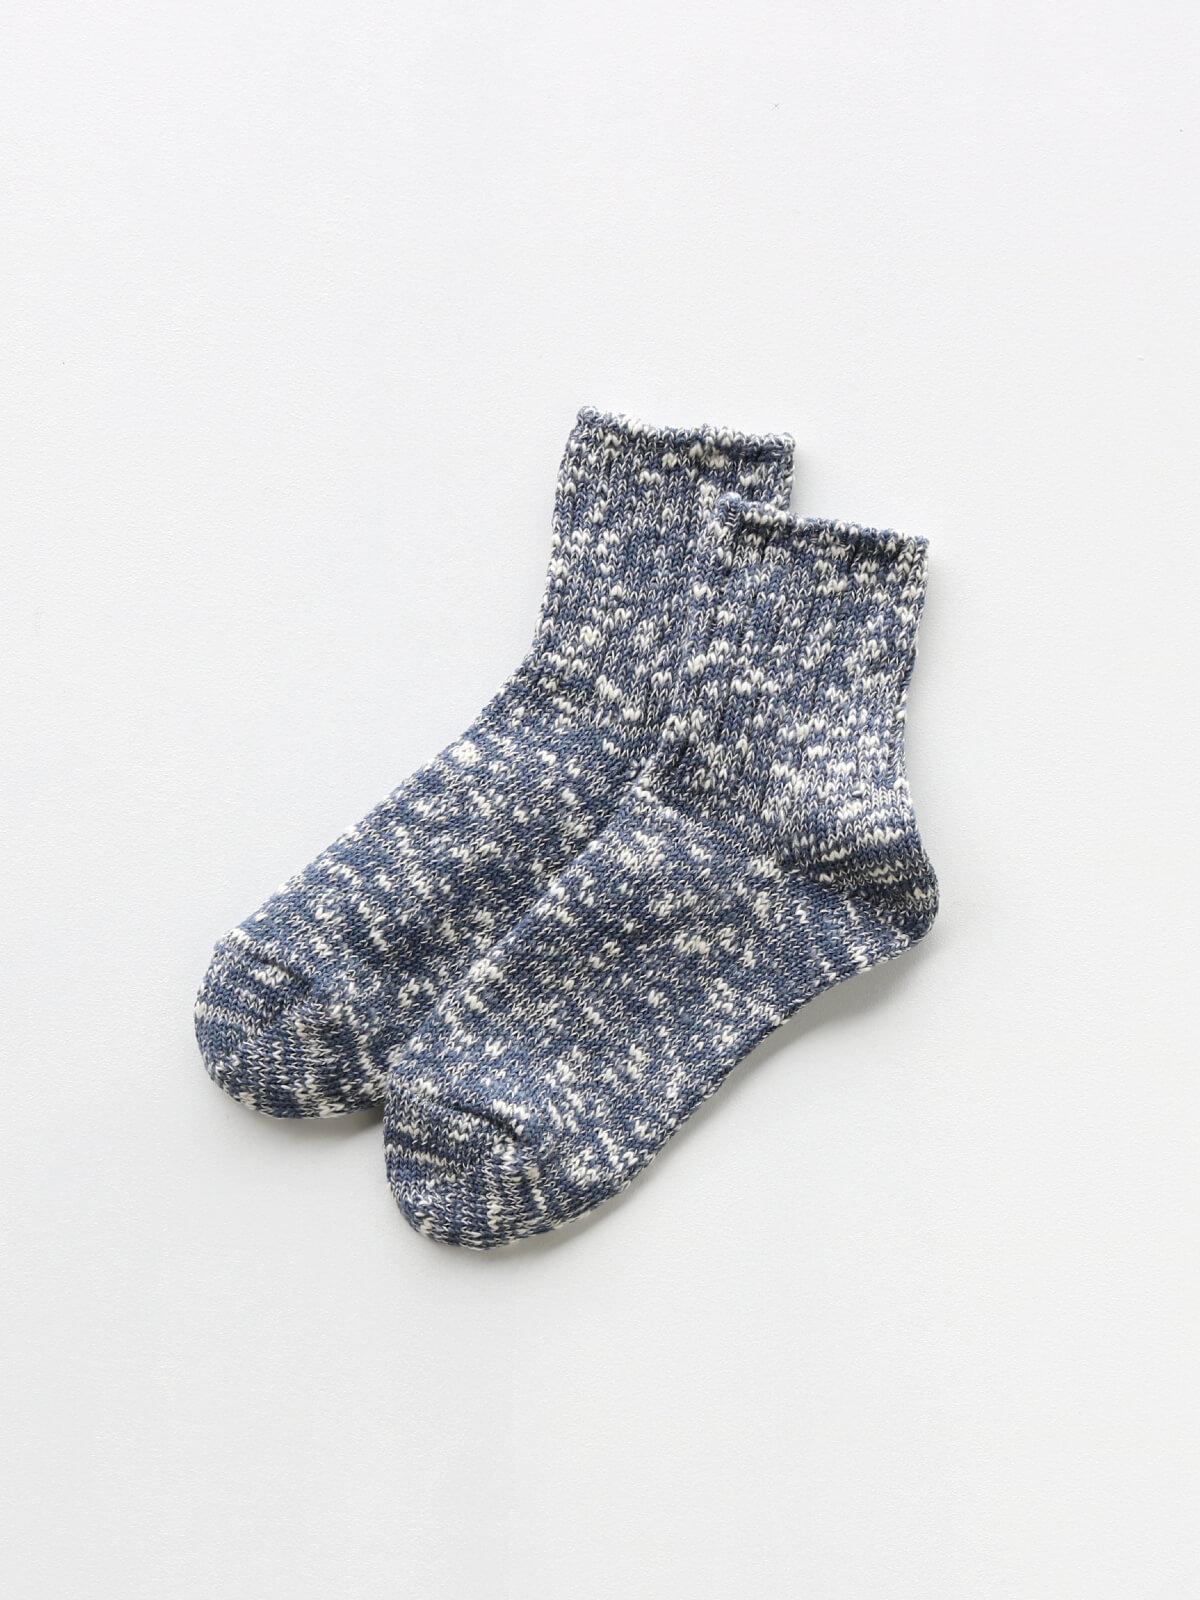 当たりつきギフト専用靴下のLUCKY SOCKS(ラッキーソックス)のMix Ankle Socks(ミックスアンクルソックス)のインディゴ_2